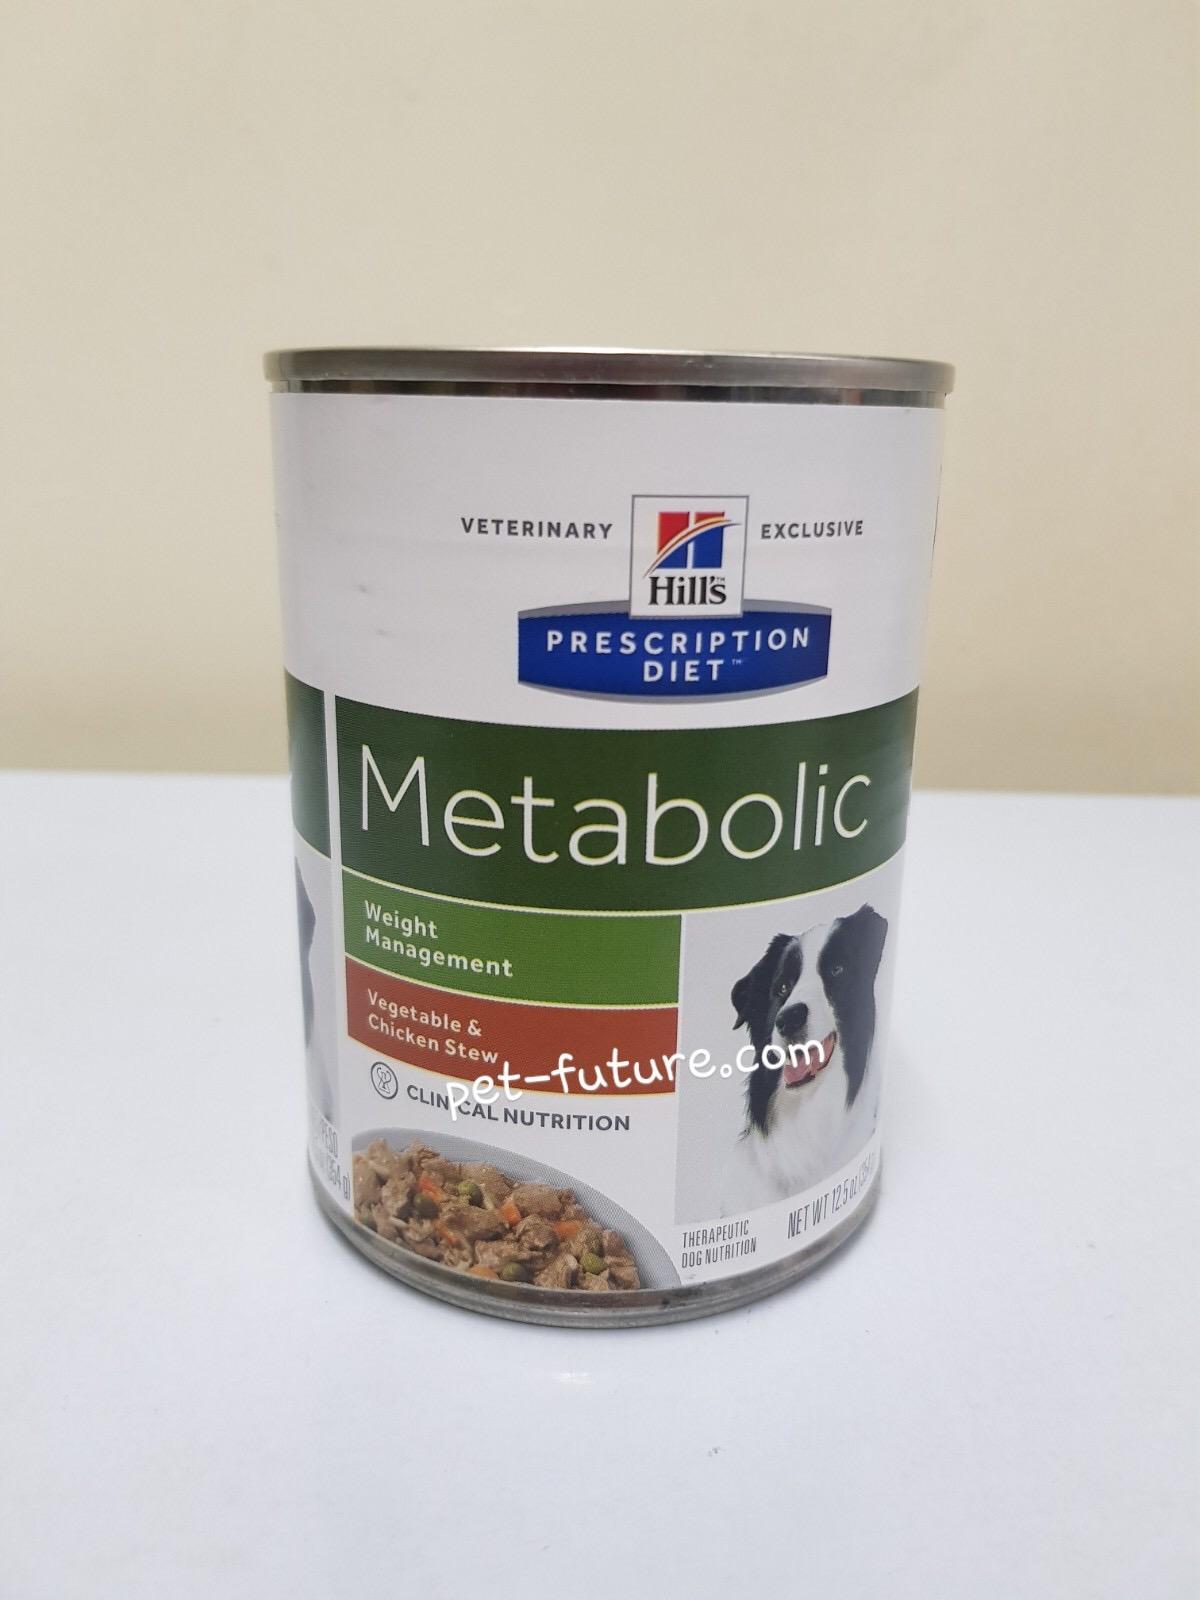 Metabolic ขนาด 354 กรัม ( Exp.05/19) จำนวน 24 กป. ควบคุมน้ำหนัก